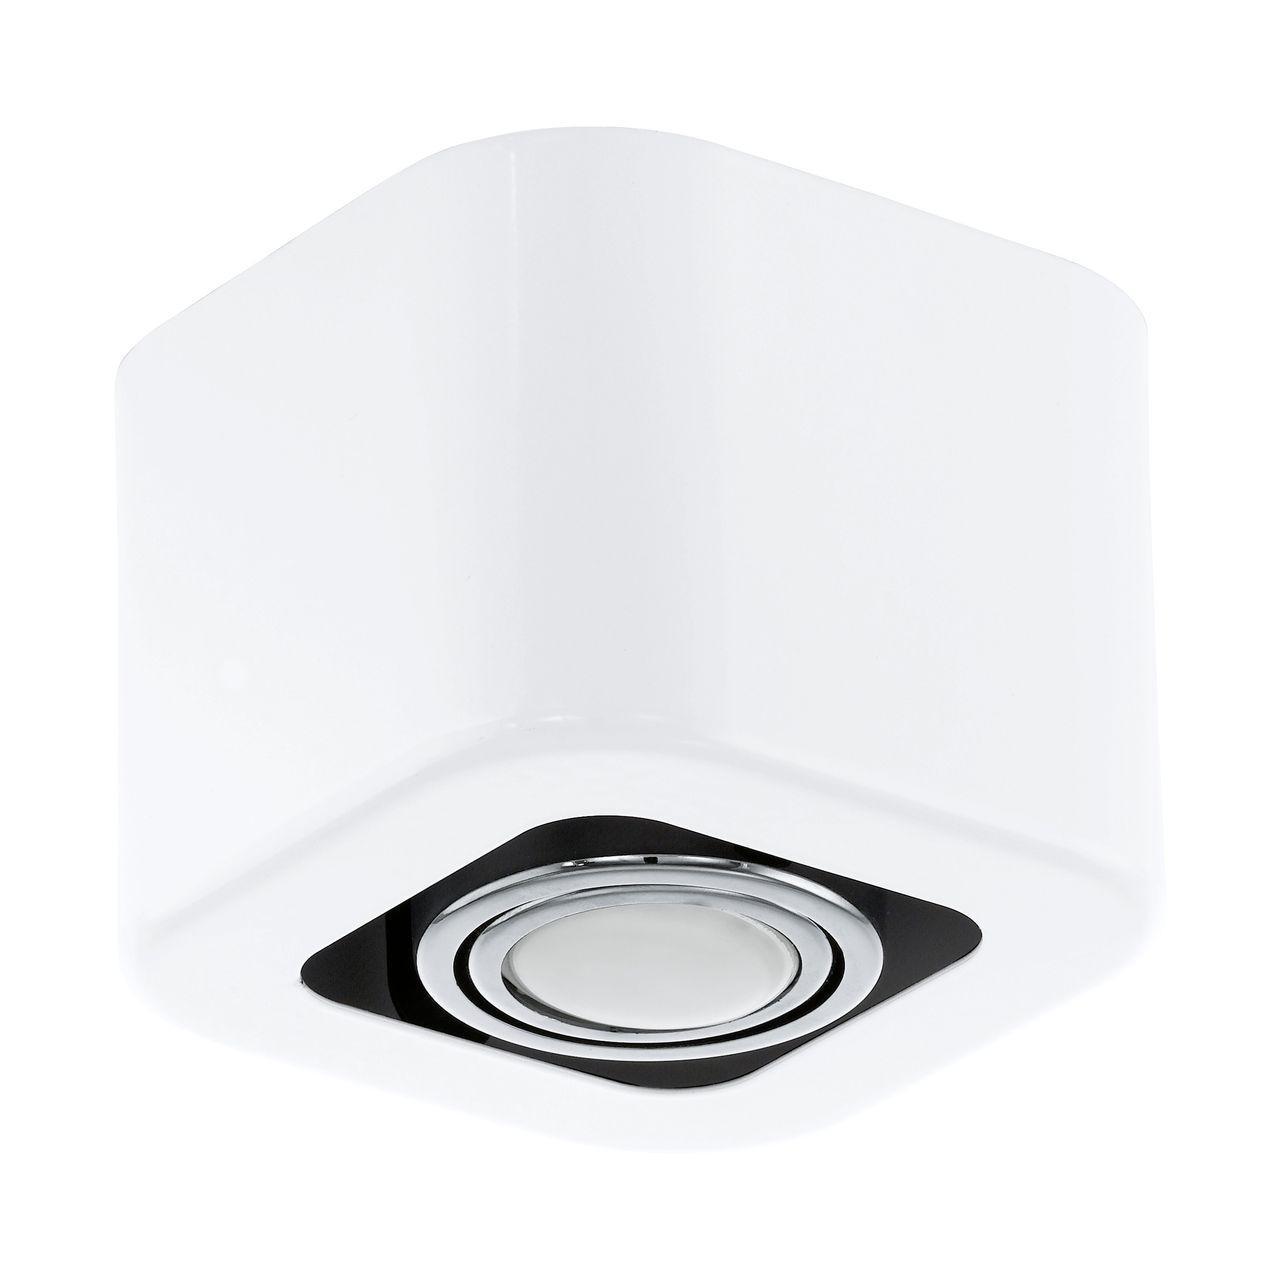 Потолочный светильник Eglo Toreno 93011 stainless steel s dhl 10pcs lot weide wg 93011 6